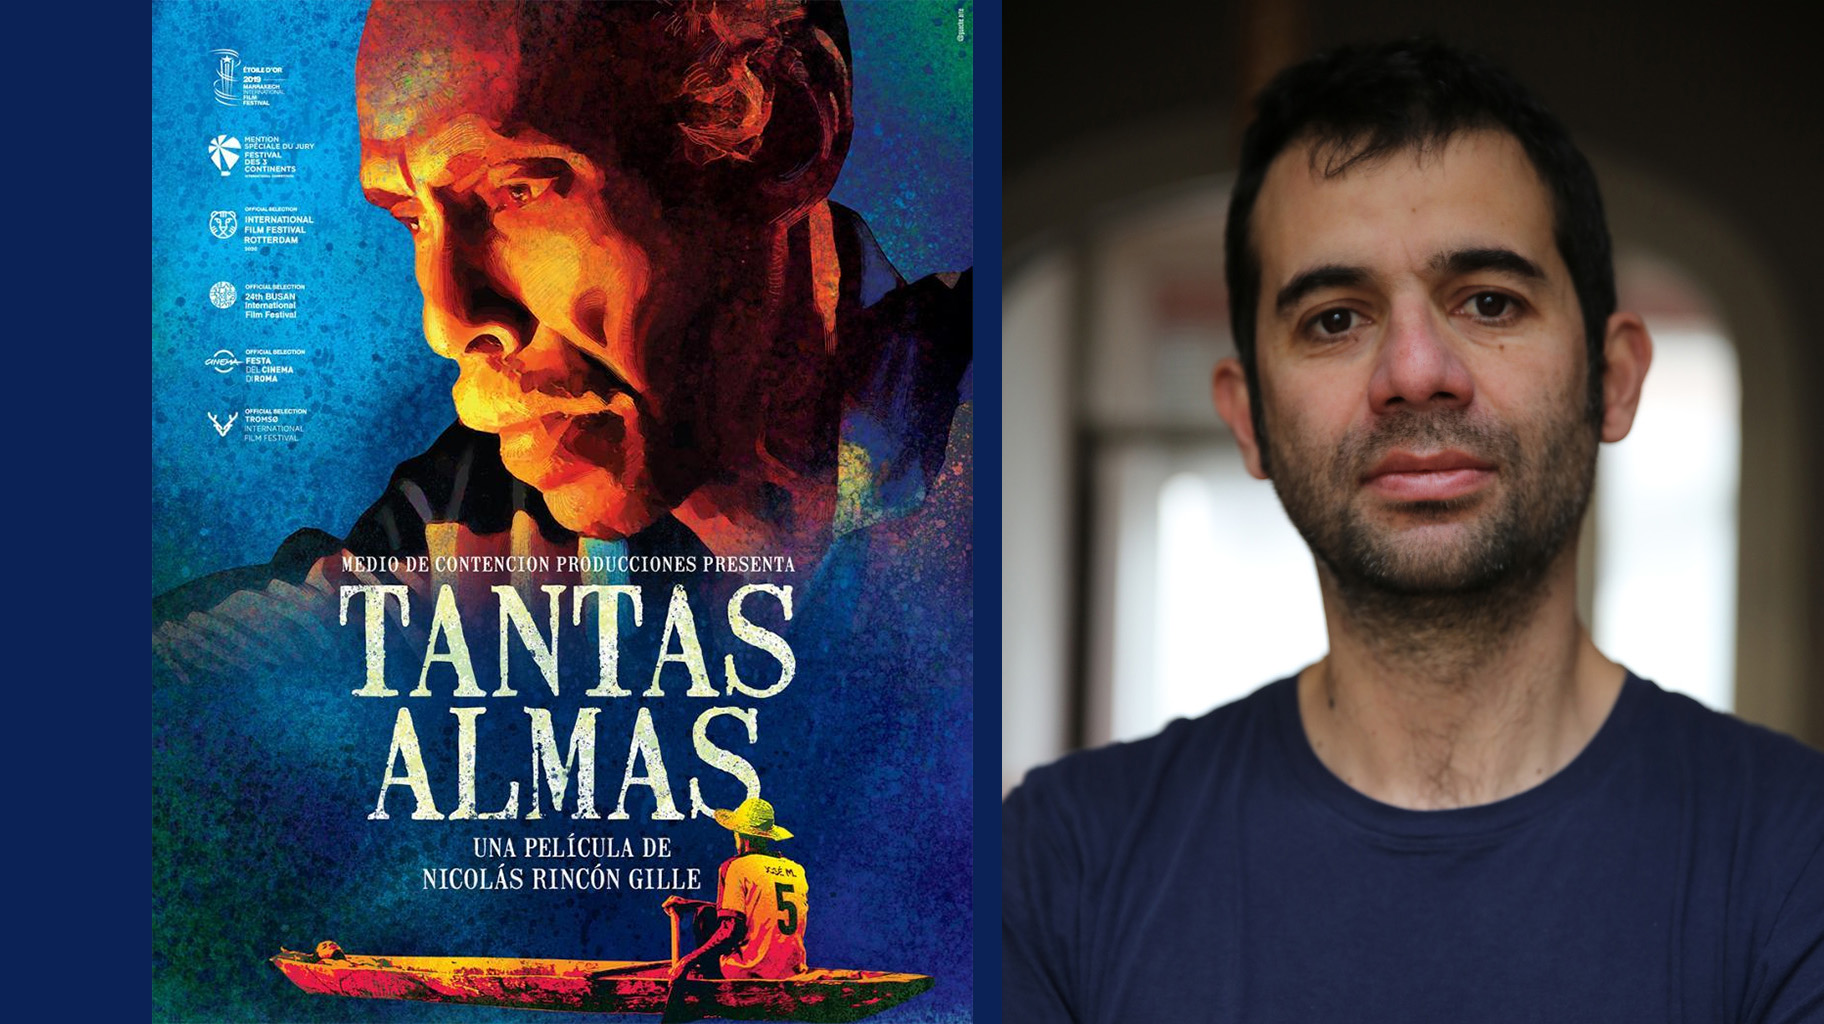 Nicolás Rincón y su película